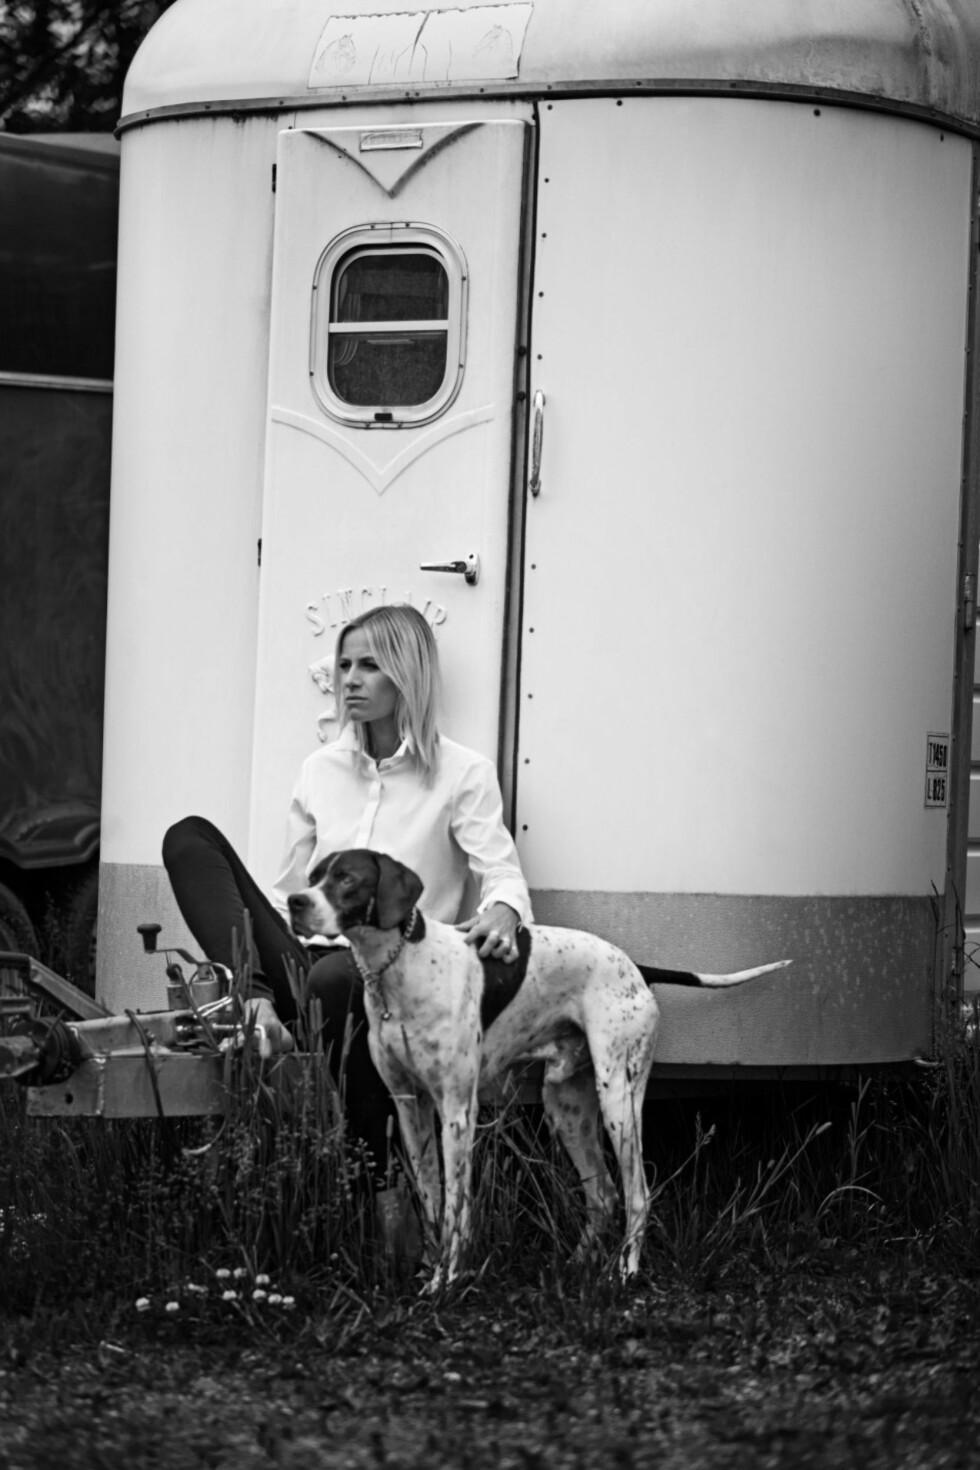 Profilert moteblogger i ny kampanje: Et klassisk antrekk med hvit skjorte og jeans.  Foto: Truls Qvale/Burberry